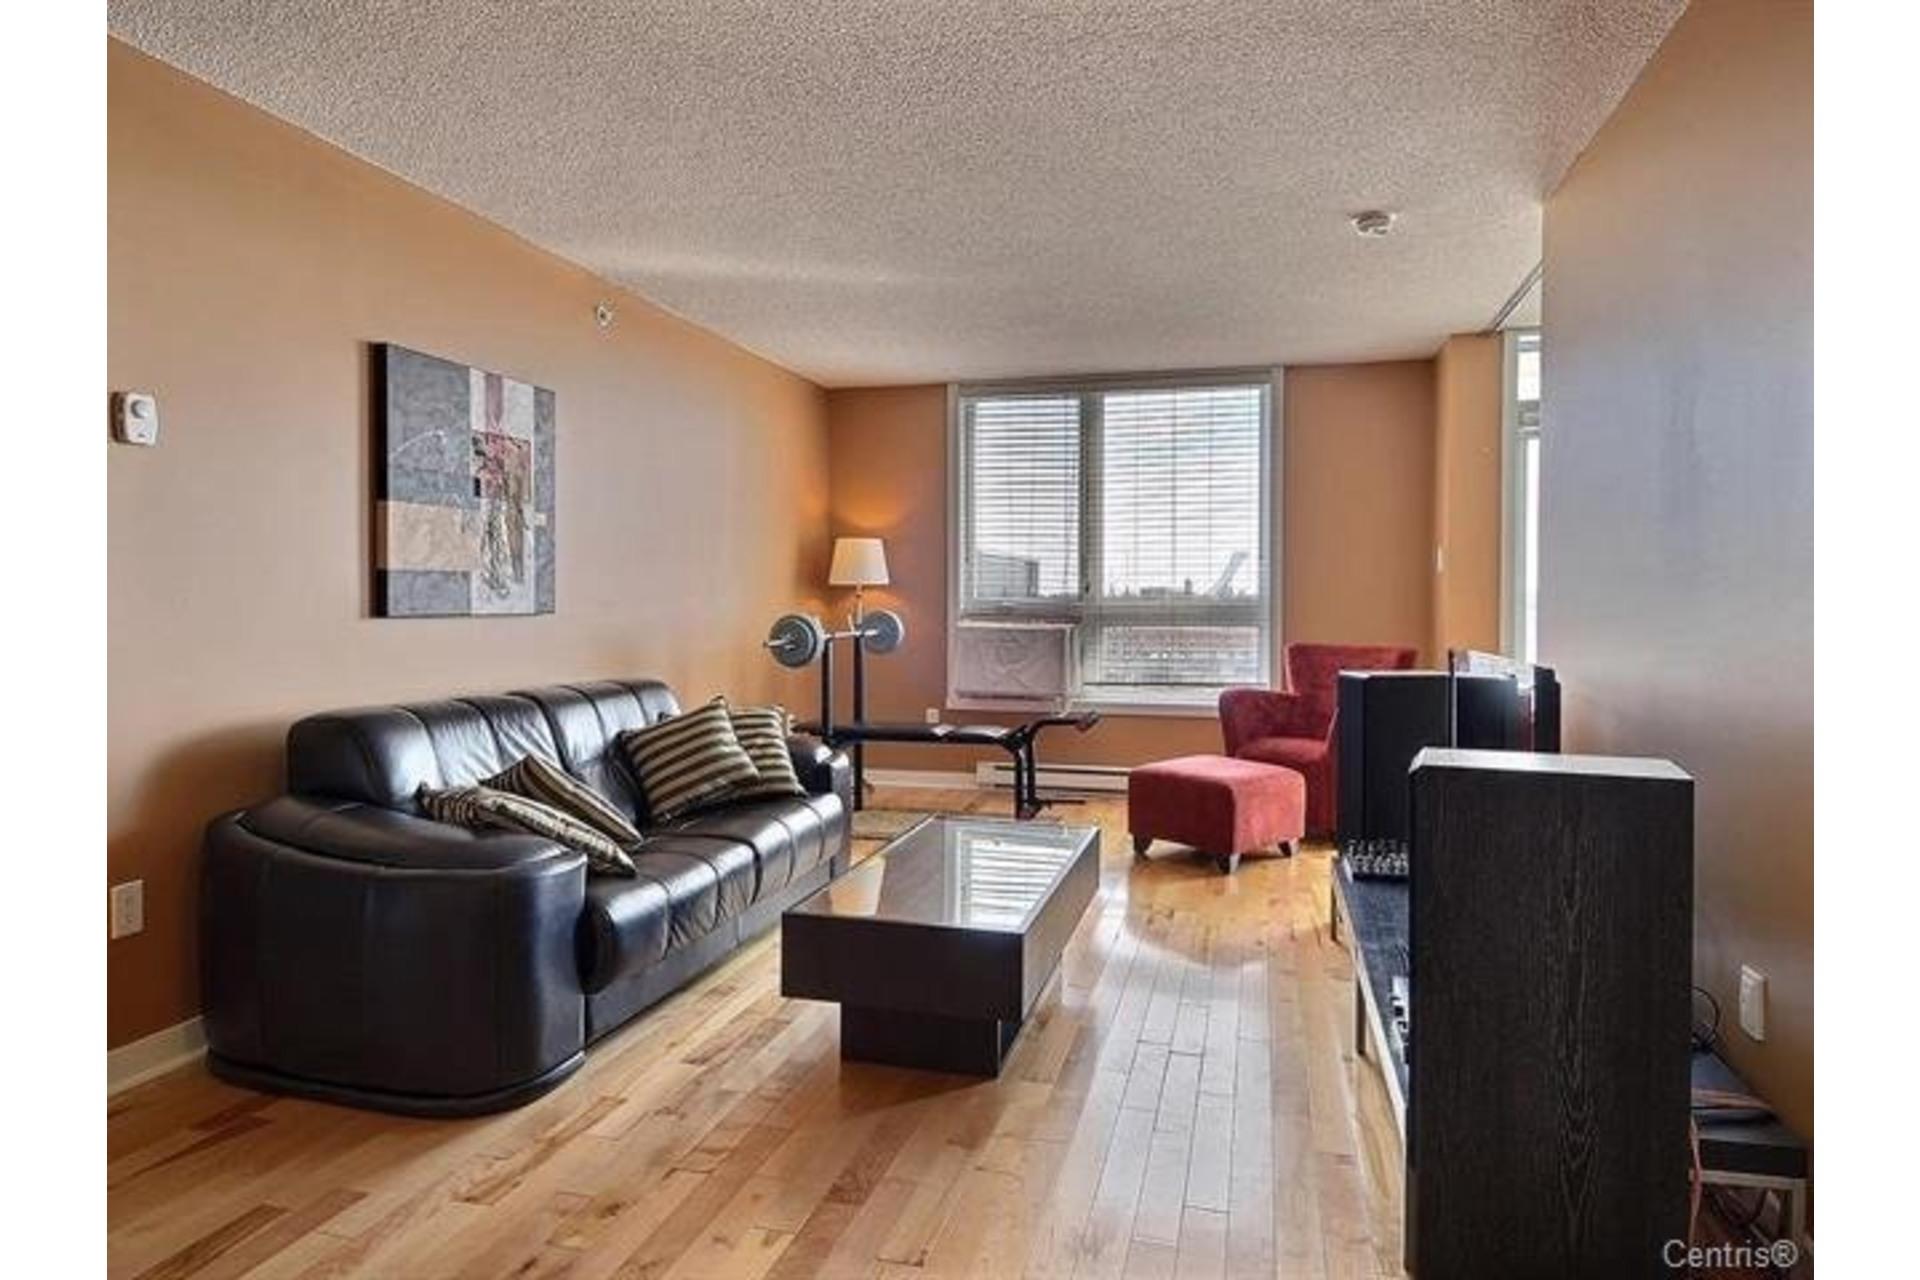 image 3 - Appartement À louer Saint-Léonard Montréal  - 6 pièces